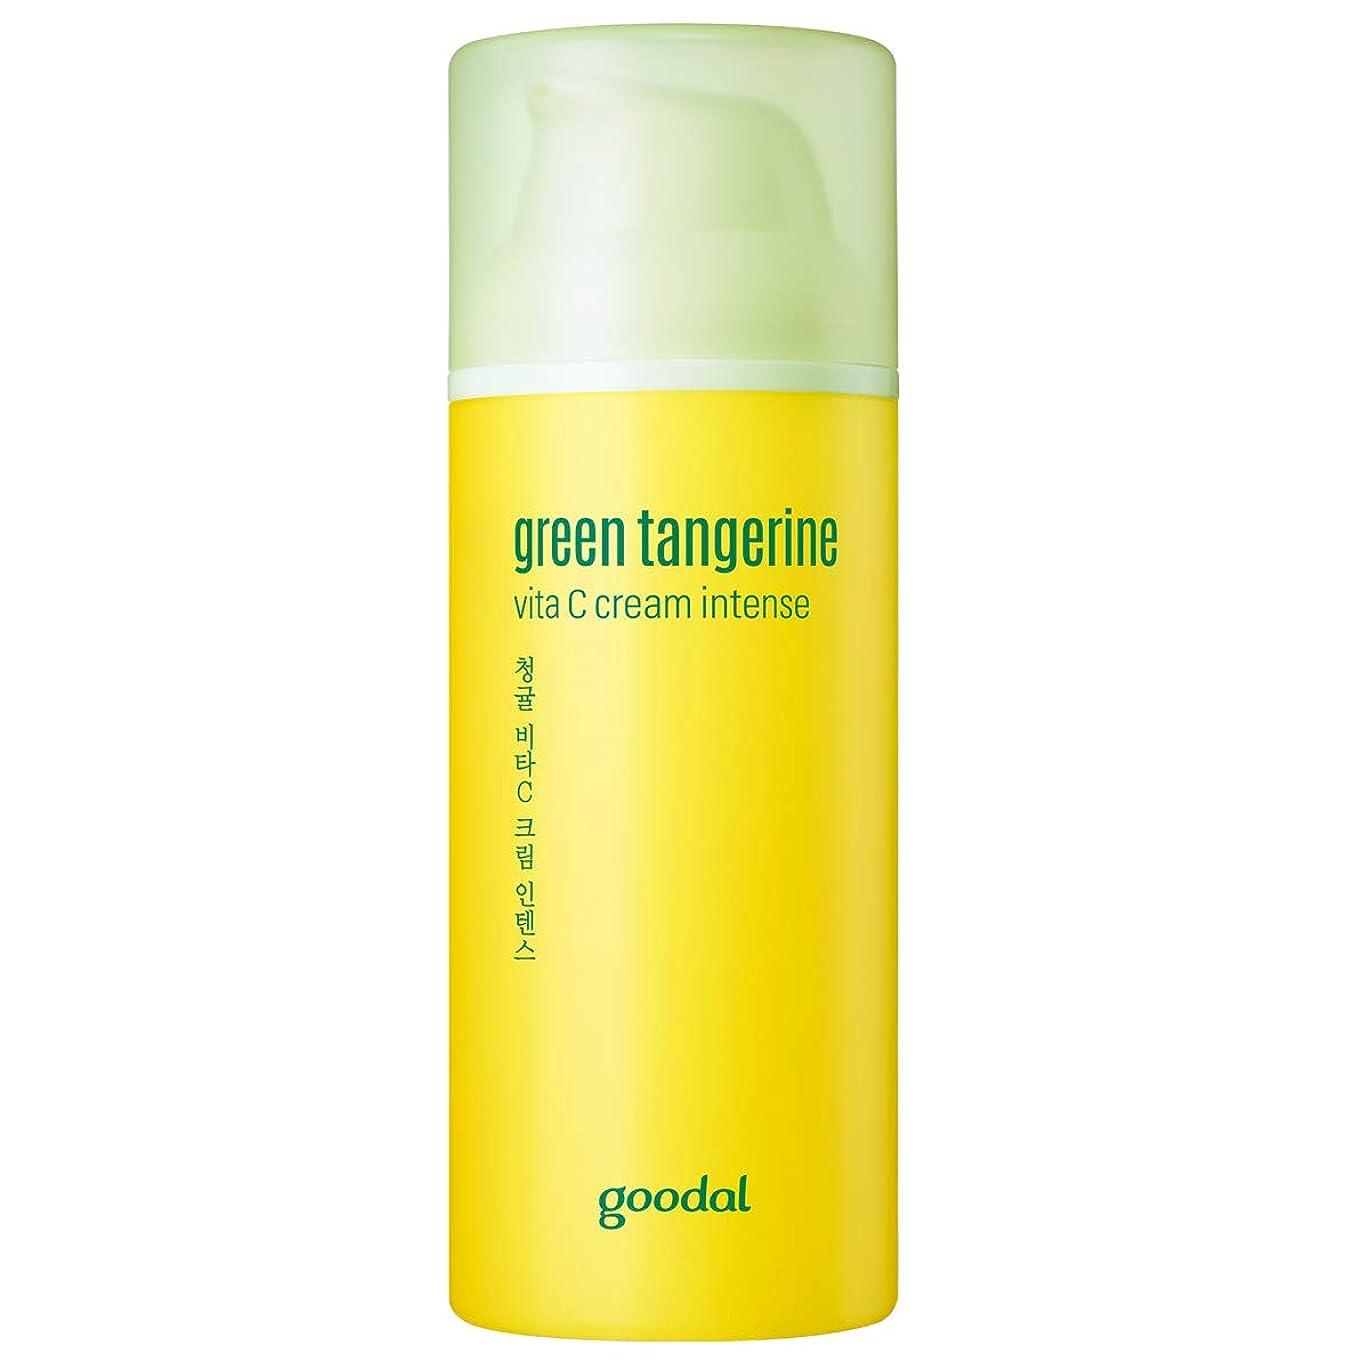 議会安心猛烈なGoodal チョンギュルビタCクリームインテンスセットgreen tangeriene vita C cream intense set[並行輸入品]